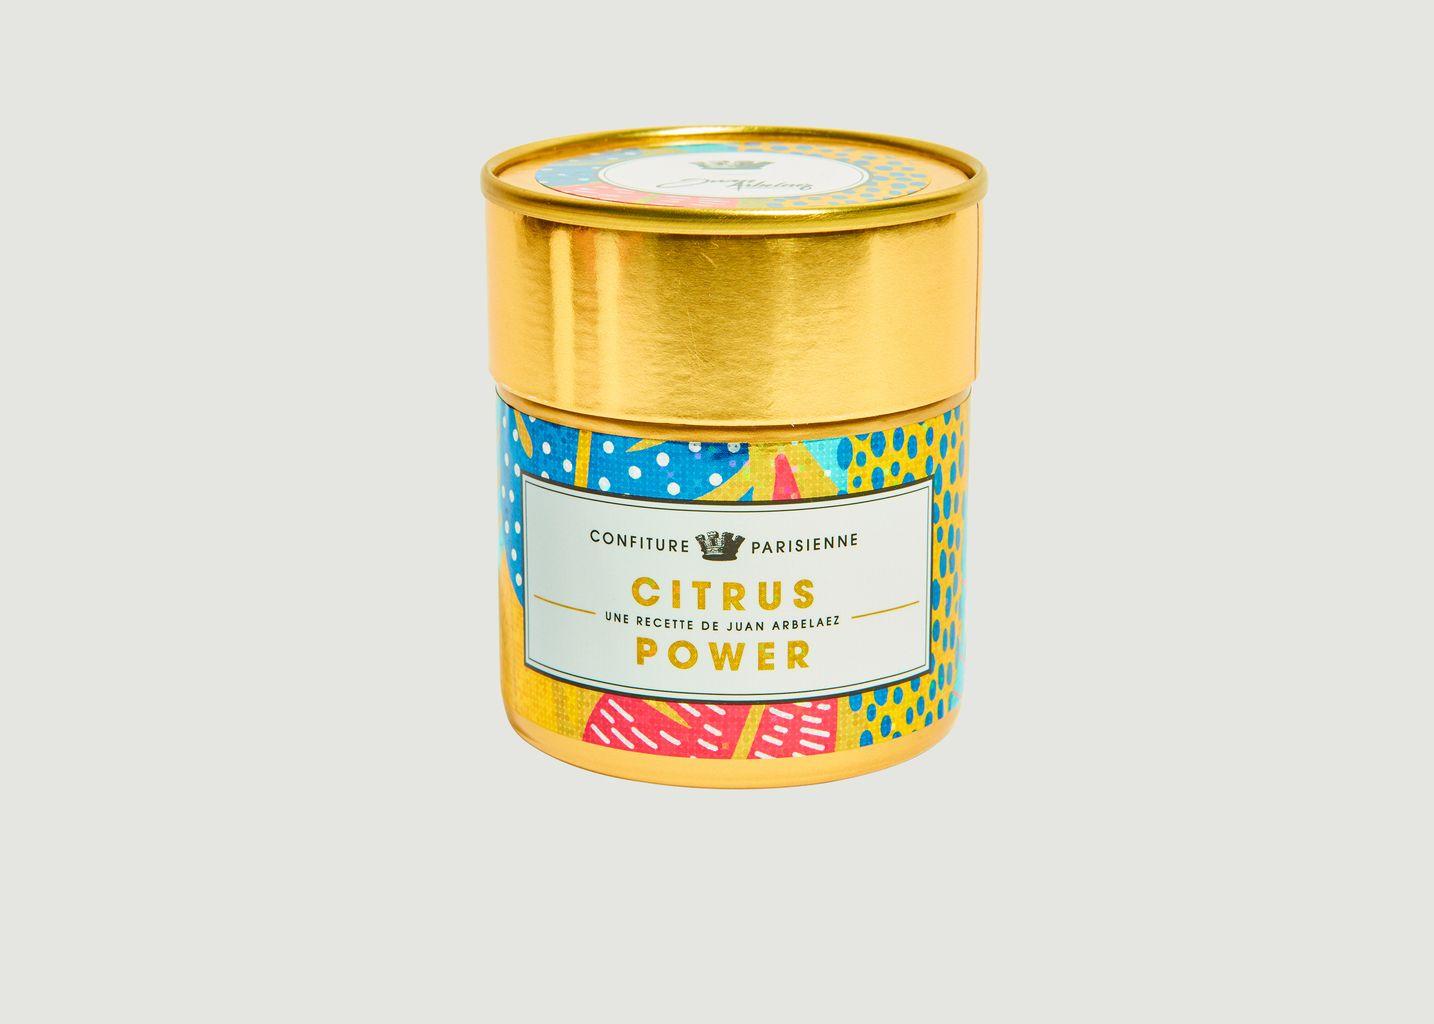 Citrus Power x Juan Arbelaez - Confiture Parisienne